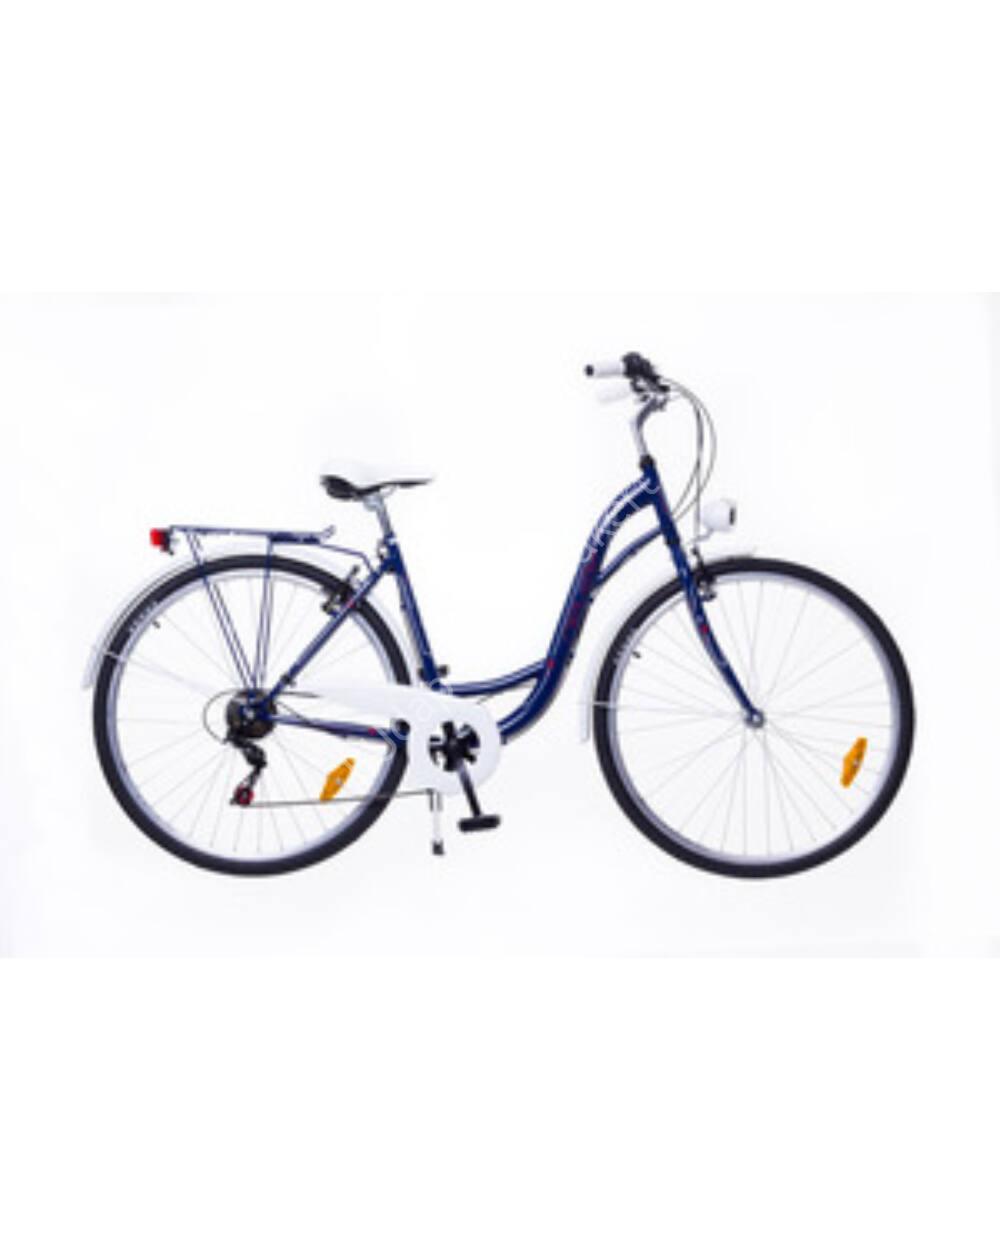 """Neuzer Ravenna 6 Plus sötétkék 19"""" női városi kerékpár"""